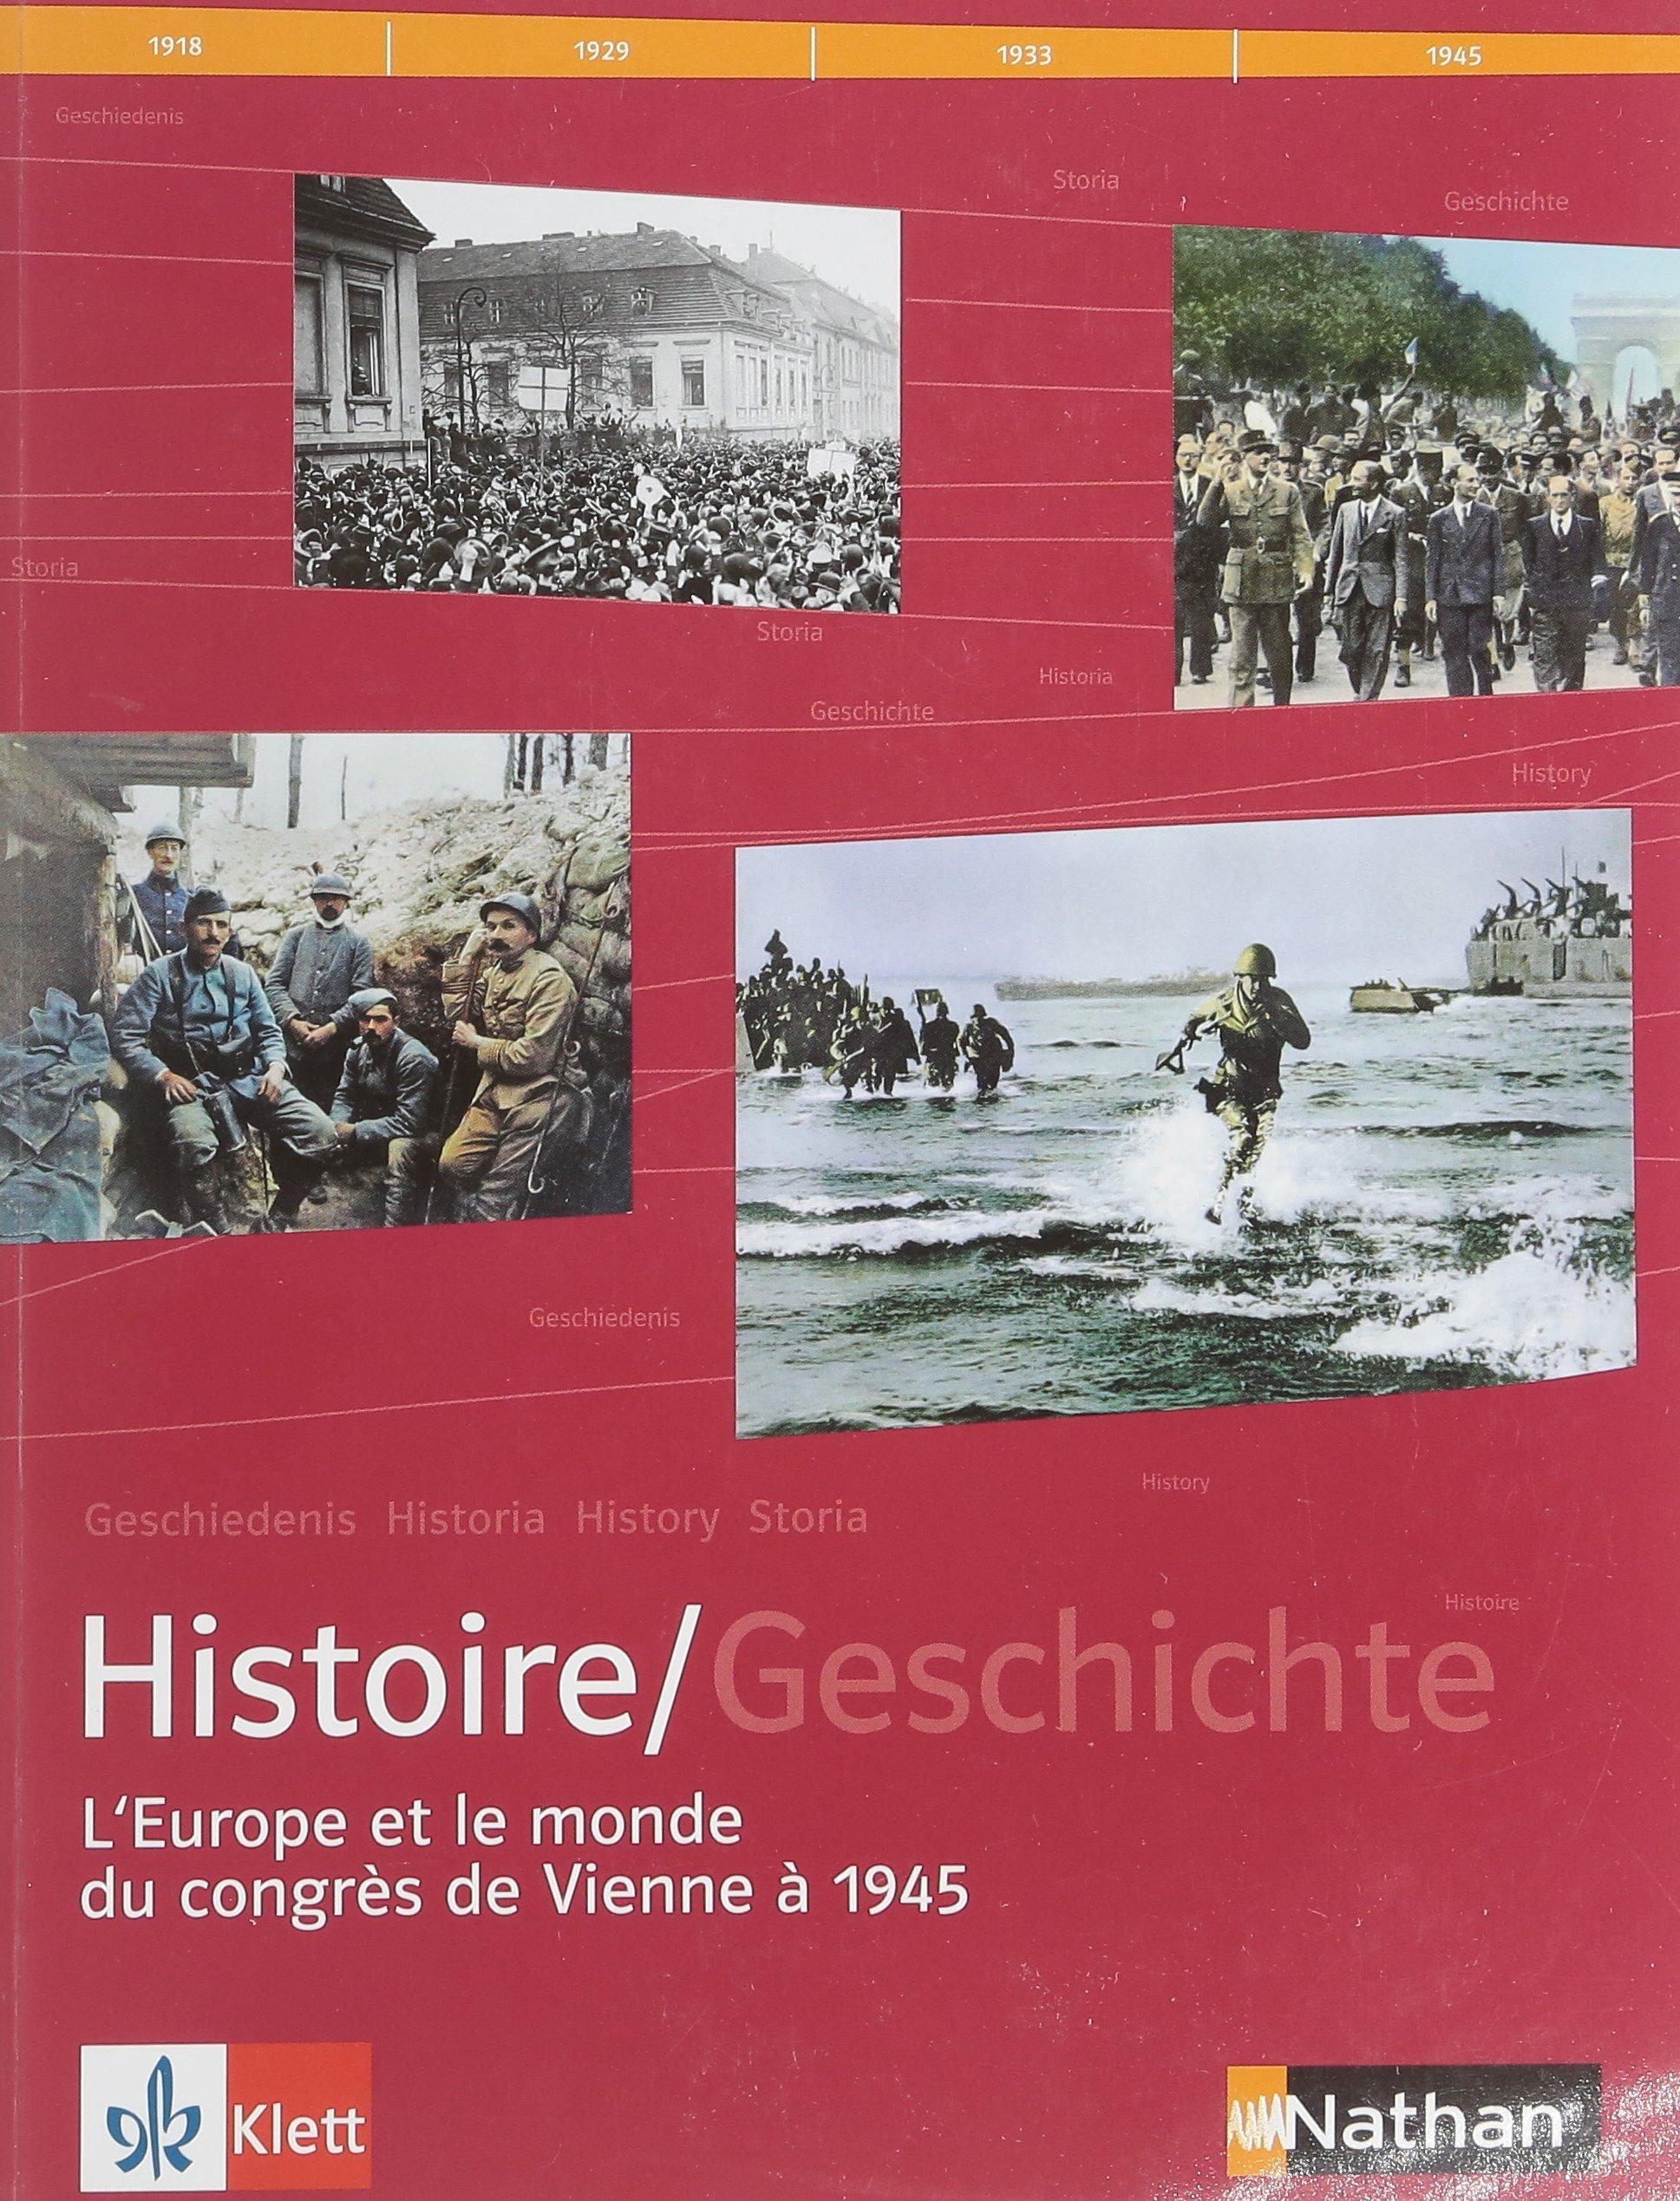 Histoire/Geschichte/L'europe et le monde du congrès de Vienne à 1945 (Französisch) Broschiert – 1. April 2008 Peter Geiss Daniel Henri Guillaume Le Quinterec Klett